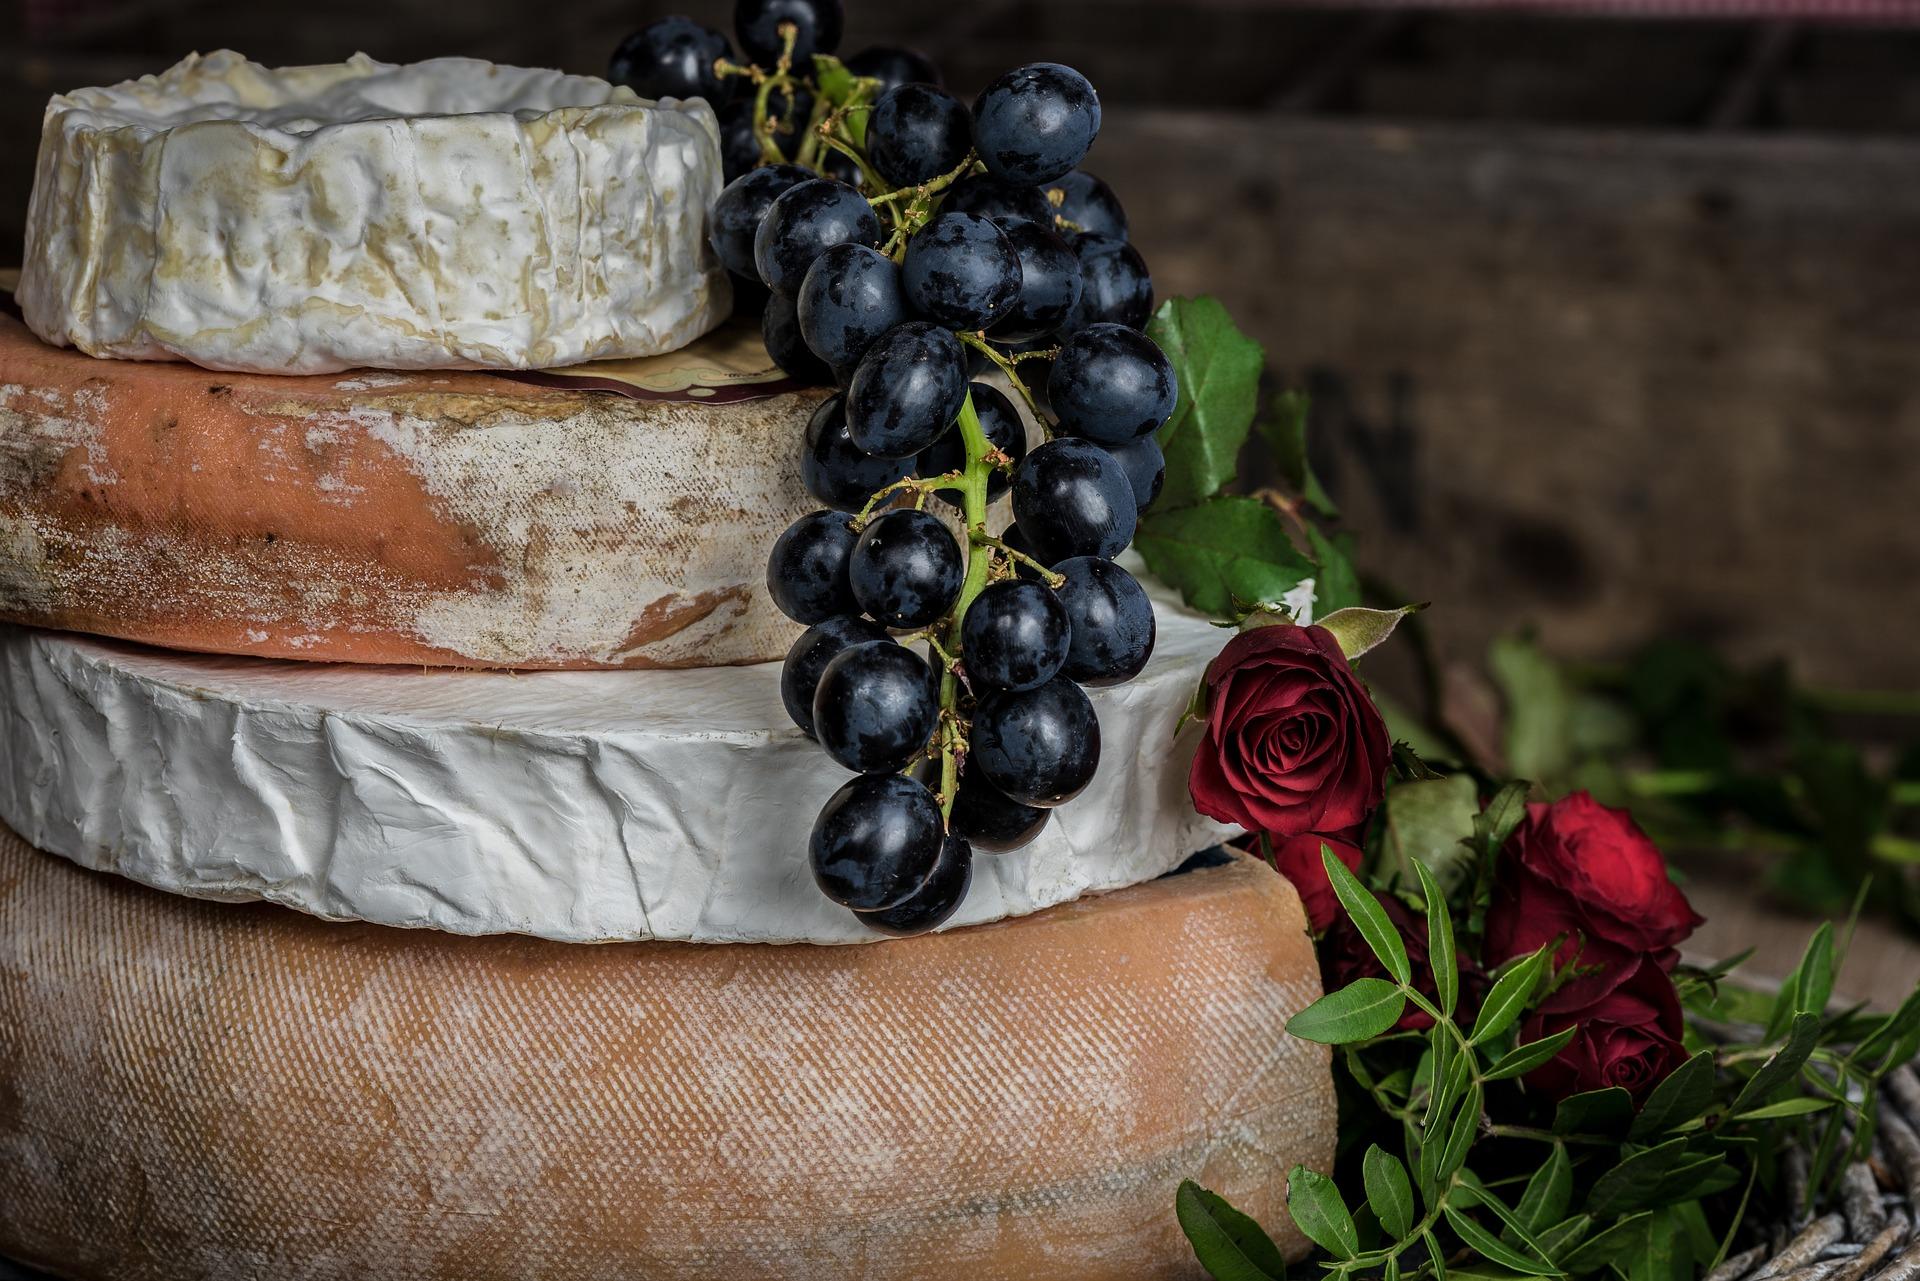 Irish School Of Cheese – Academy Of Cheese